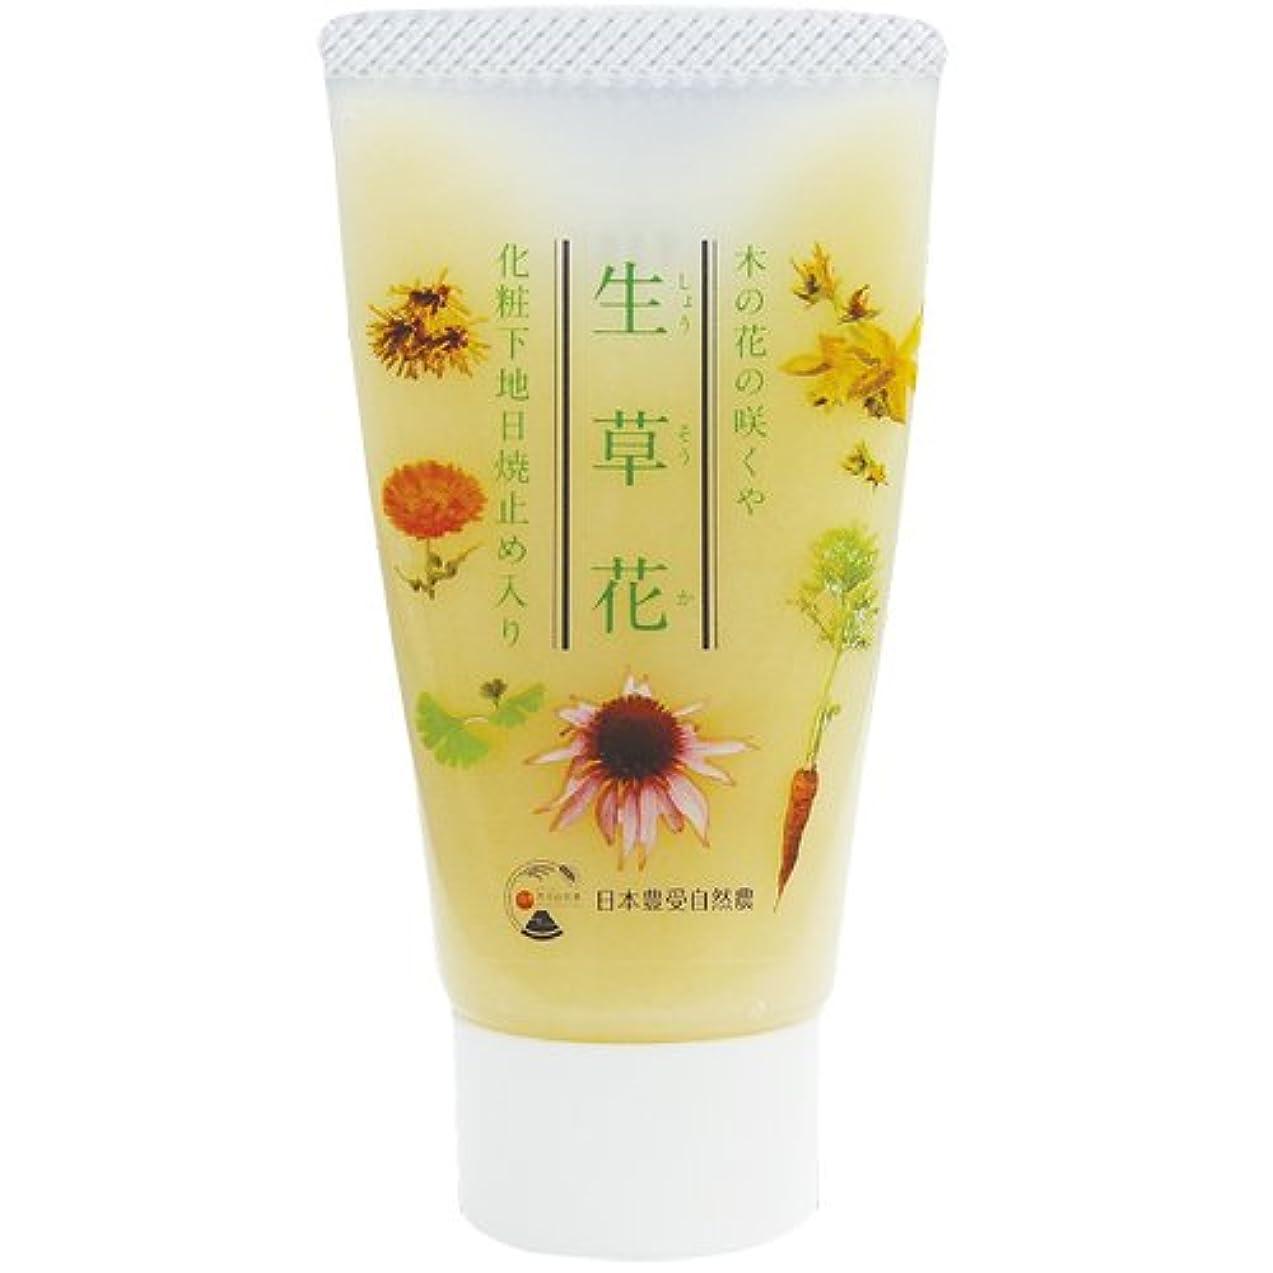 フック喜んで期待する日本豊受自然農 木の花の咲くや 生草花 化粧下地 日焼け止め入り 30g